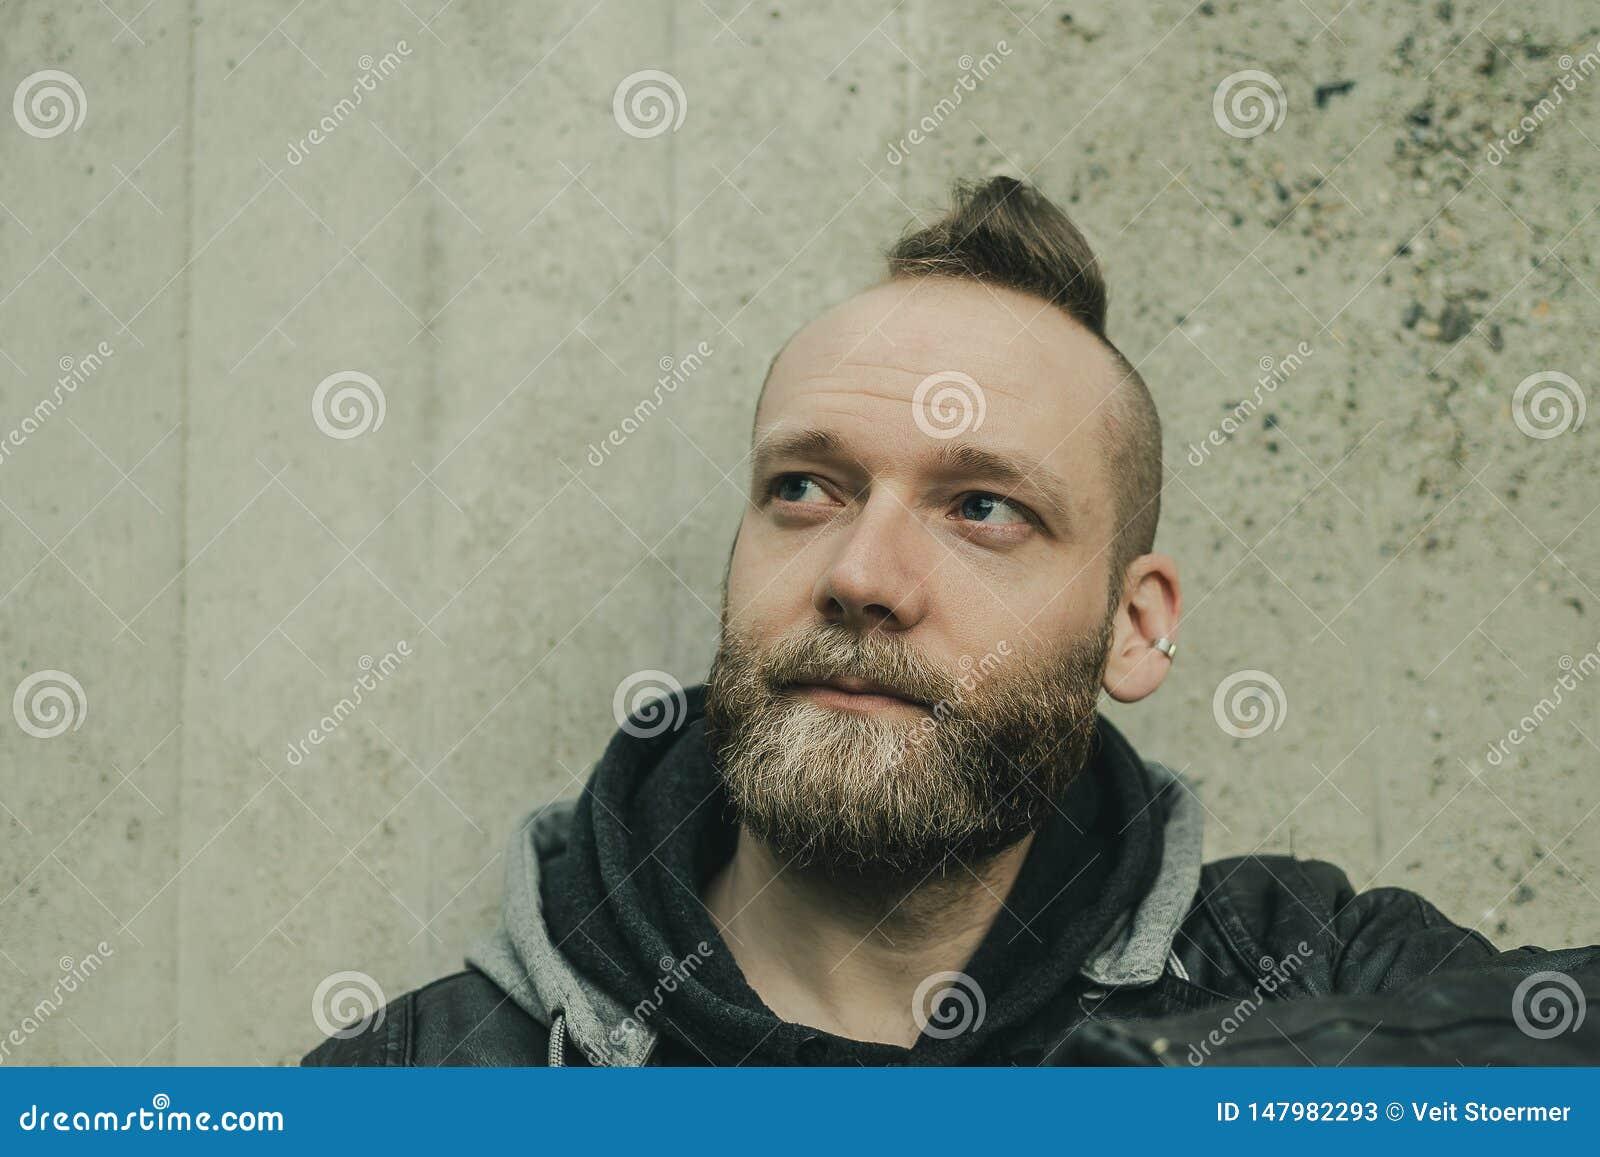 Mannen ser upp framme av en vägg